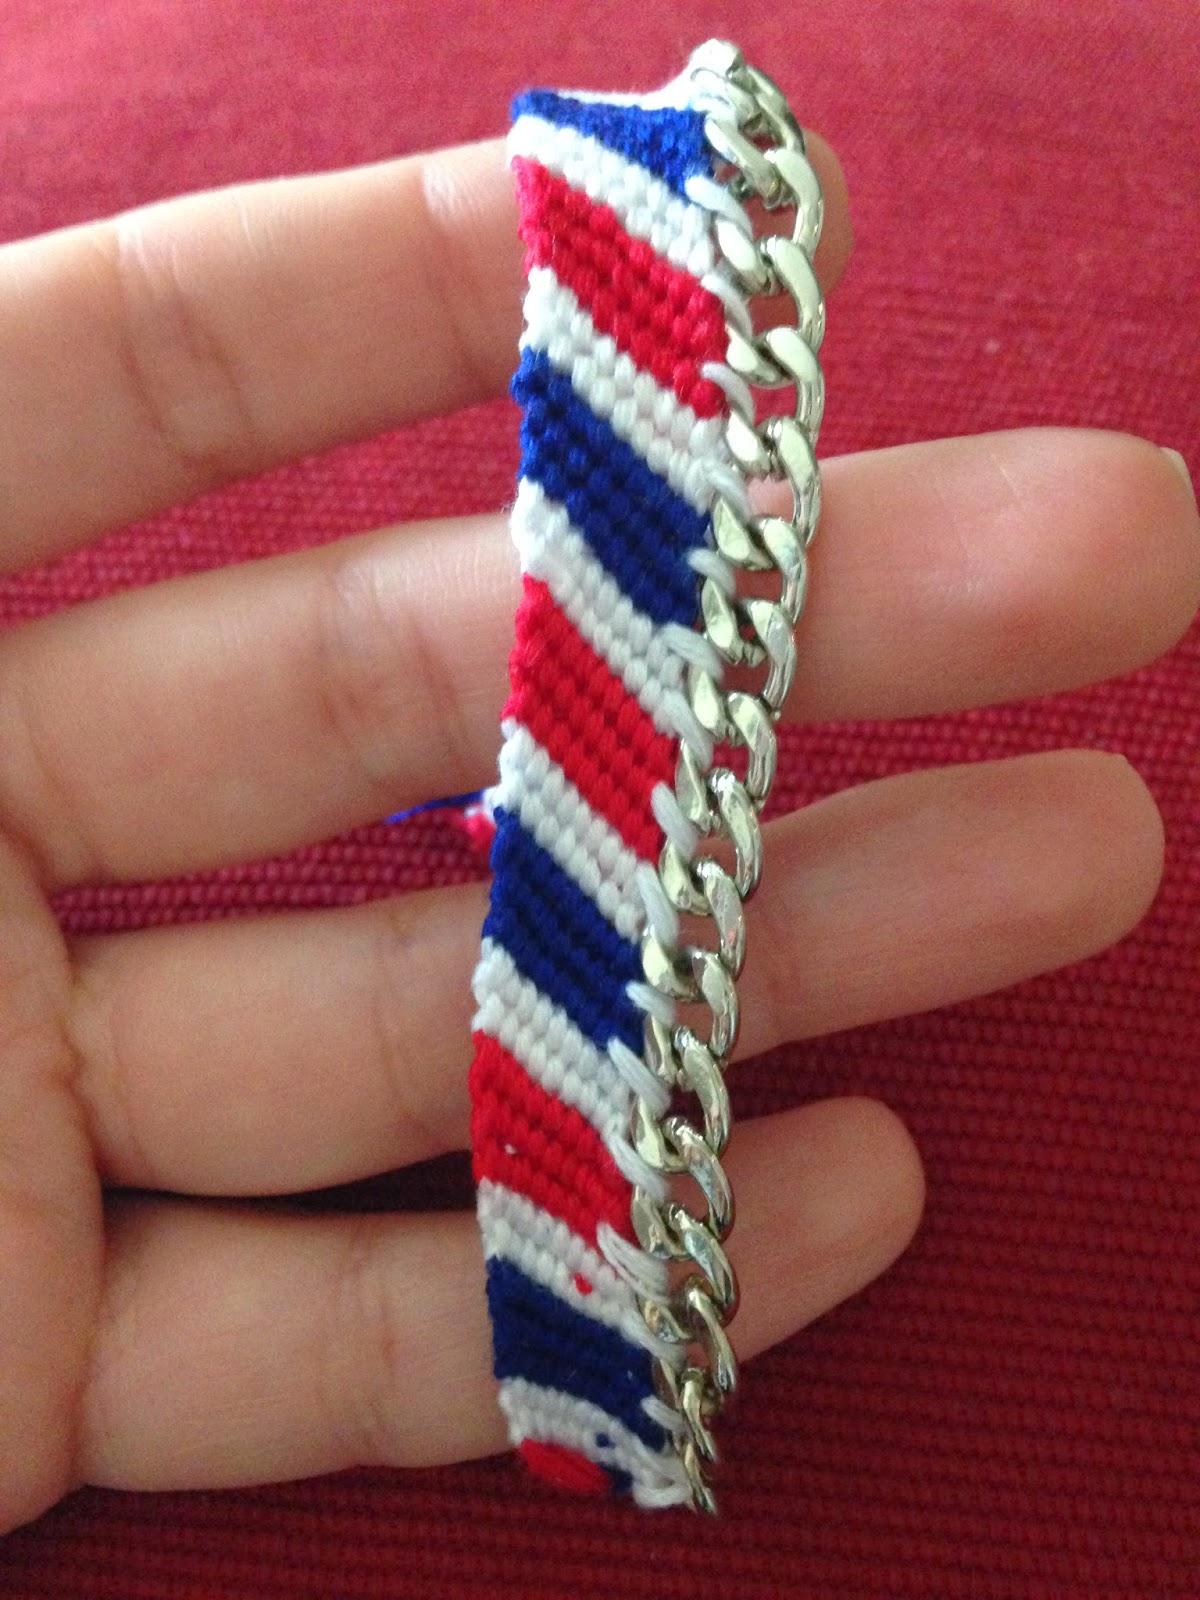 Attach chain link to friendship bracelet